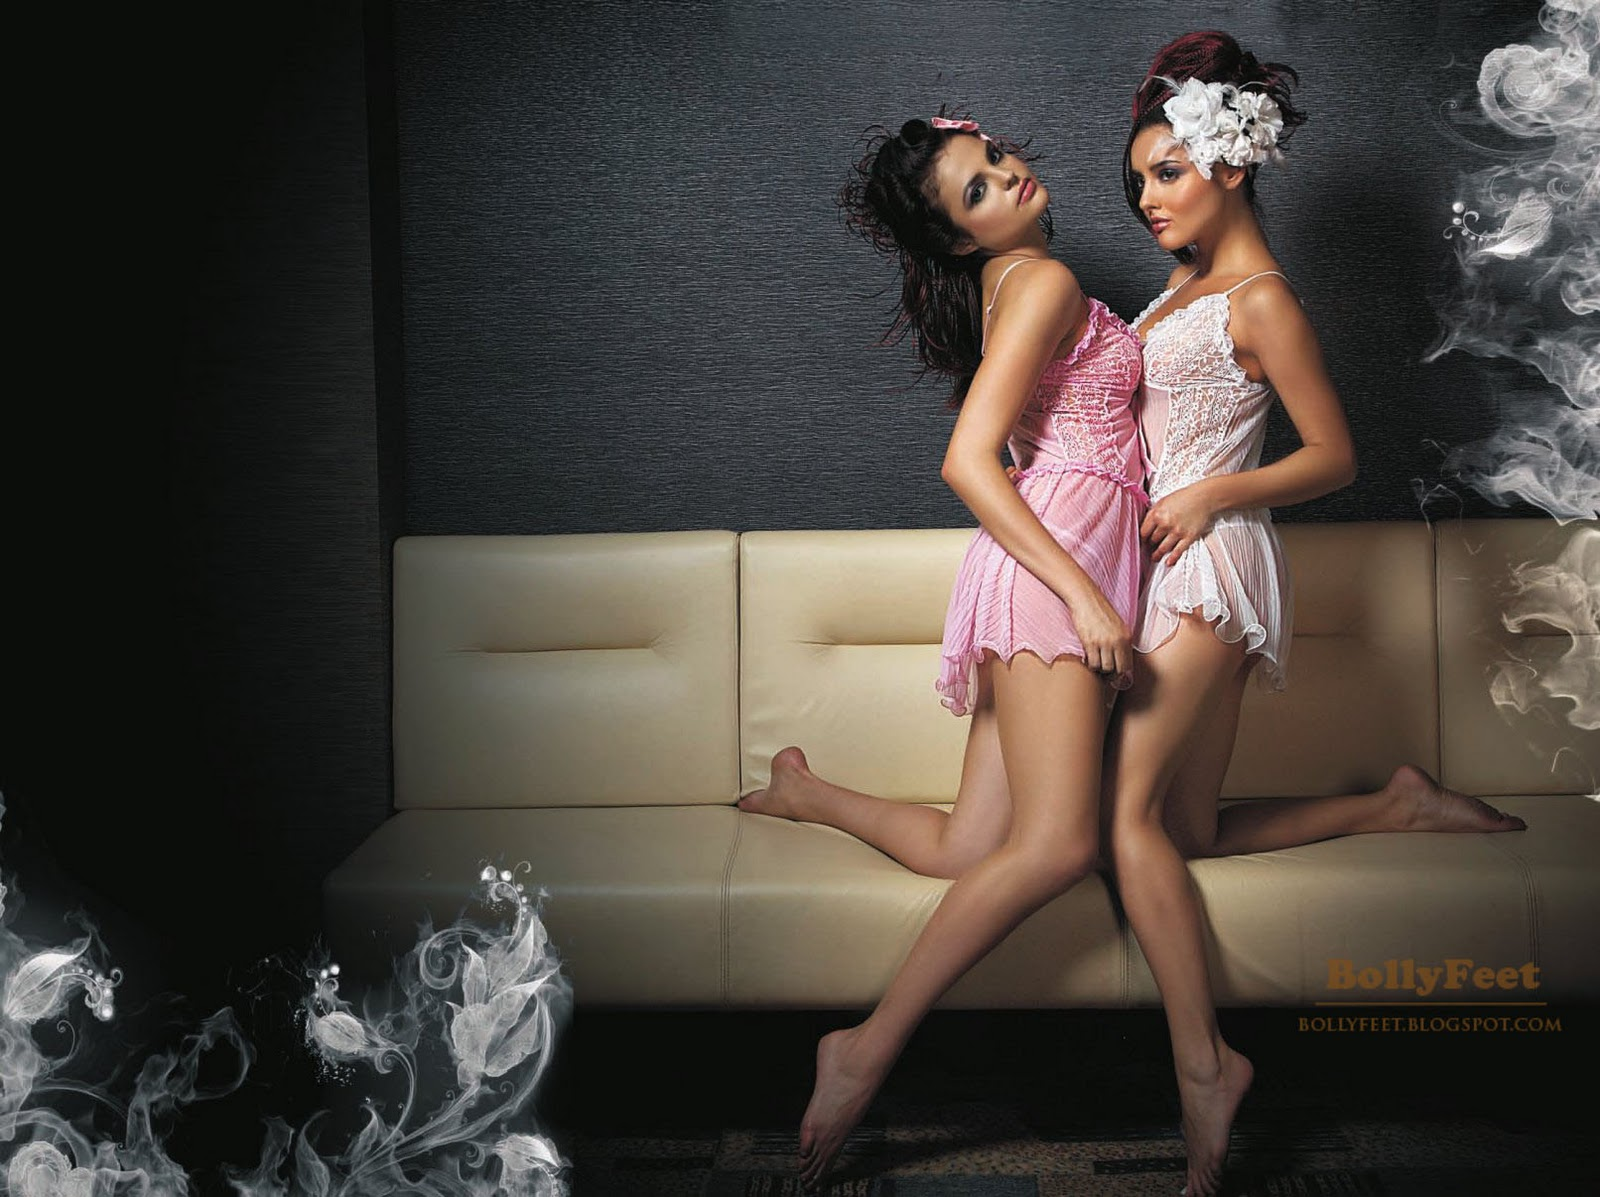 Sexy Indian models in Nightwear